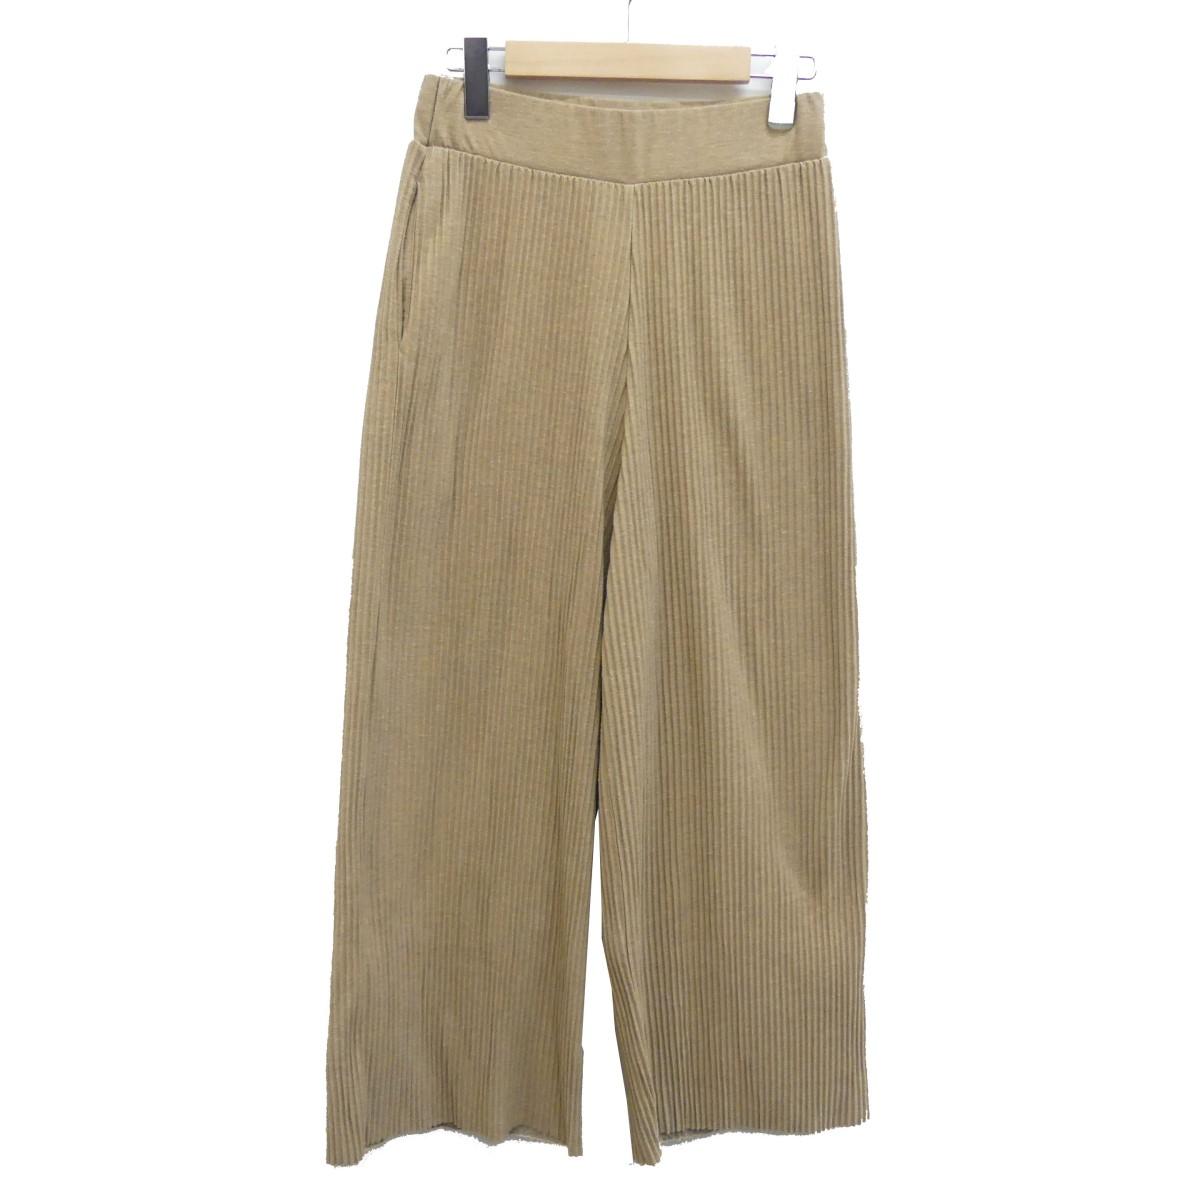 【中古】DEUXIEME CLASSE 19SS PLEATS PANTS プリーツパンツ ベージュ サイズ:F 【160420】(ドゥーズィエムクラス)